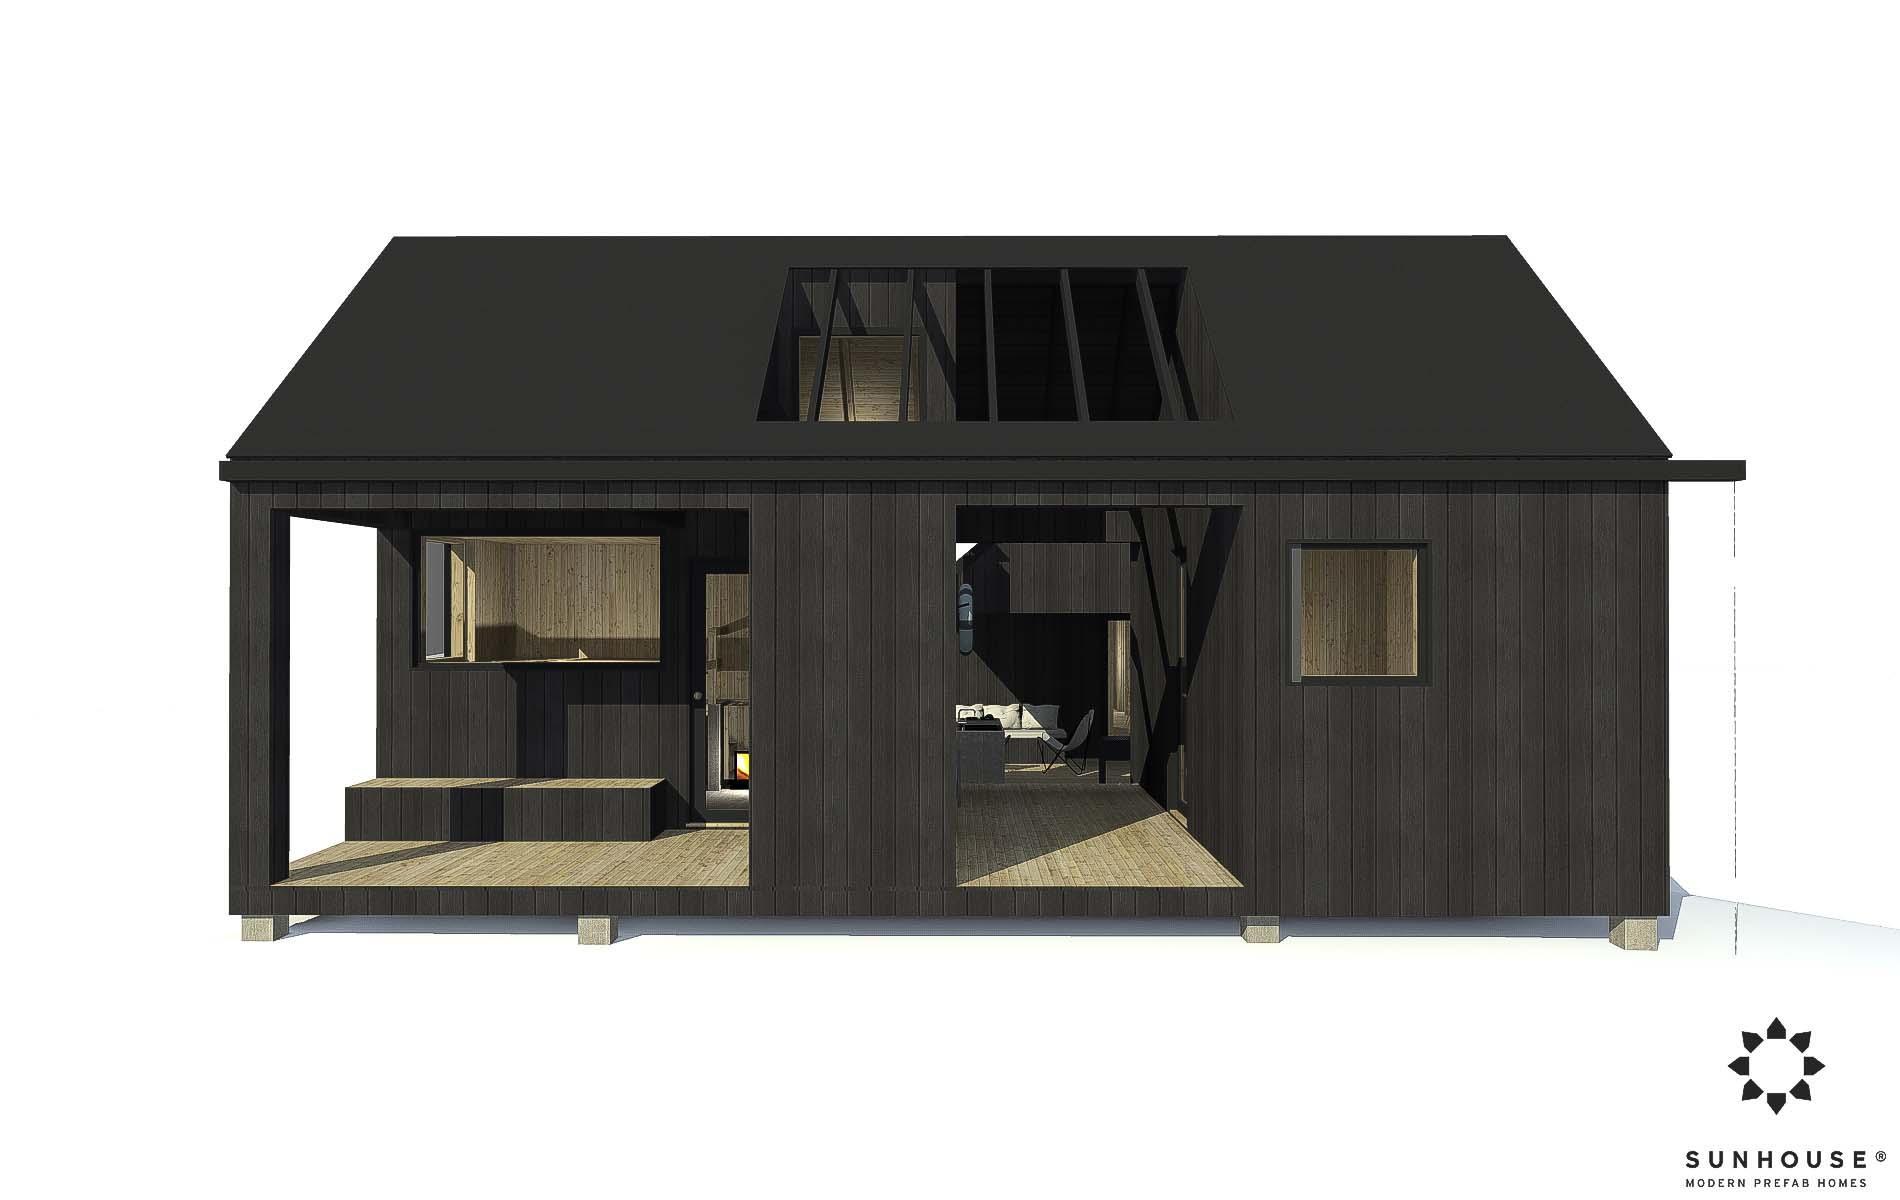 S1515-sauna_moderni_valmistalo_002.jpg